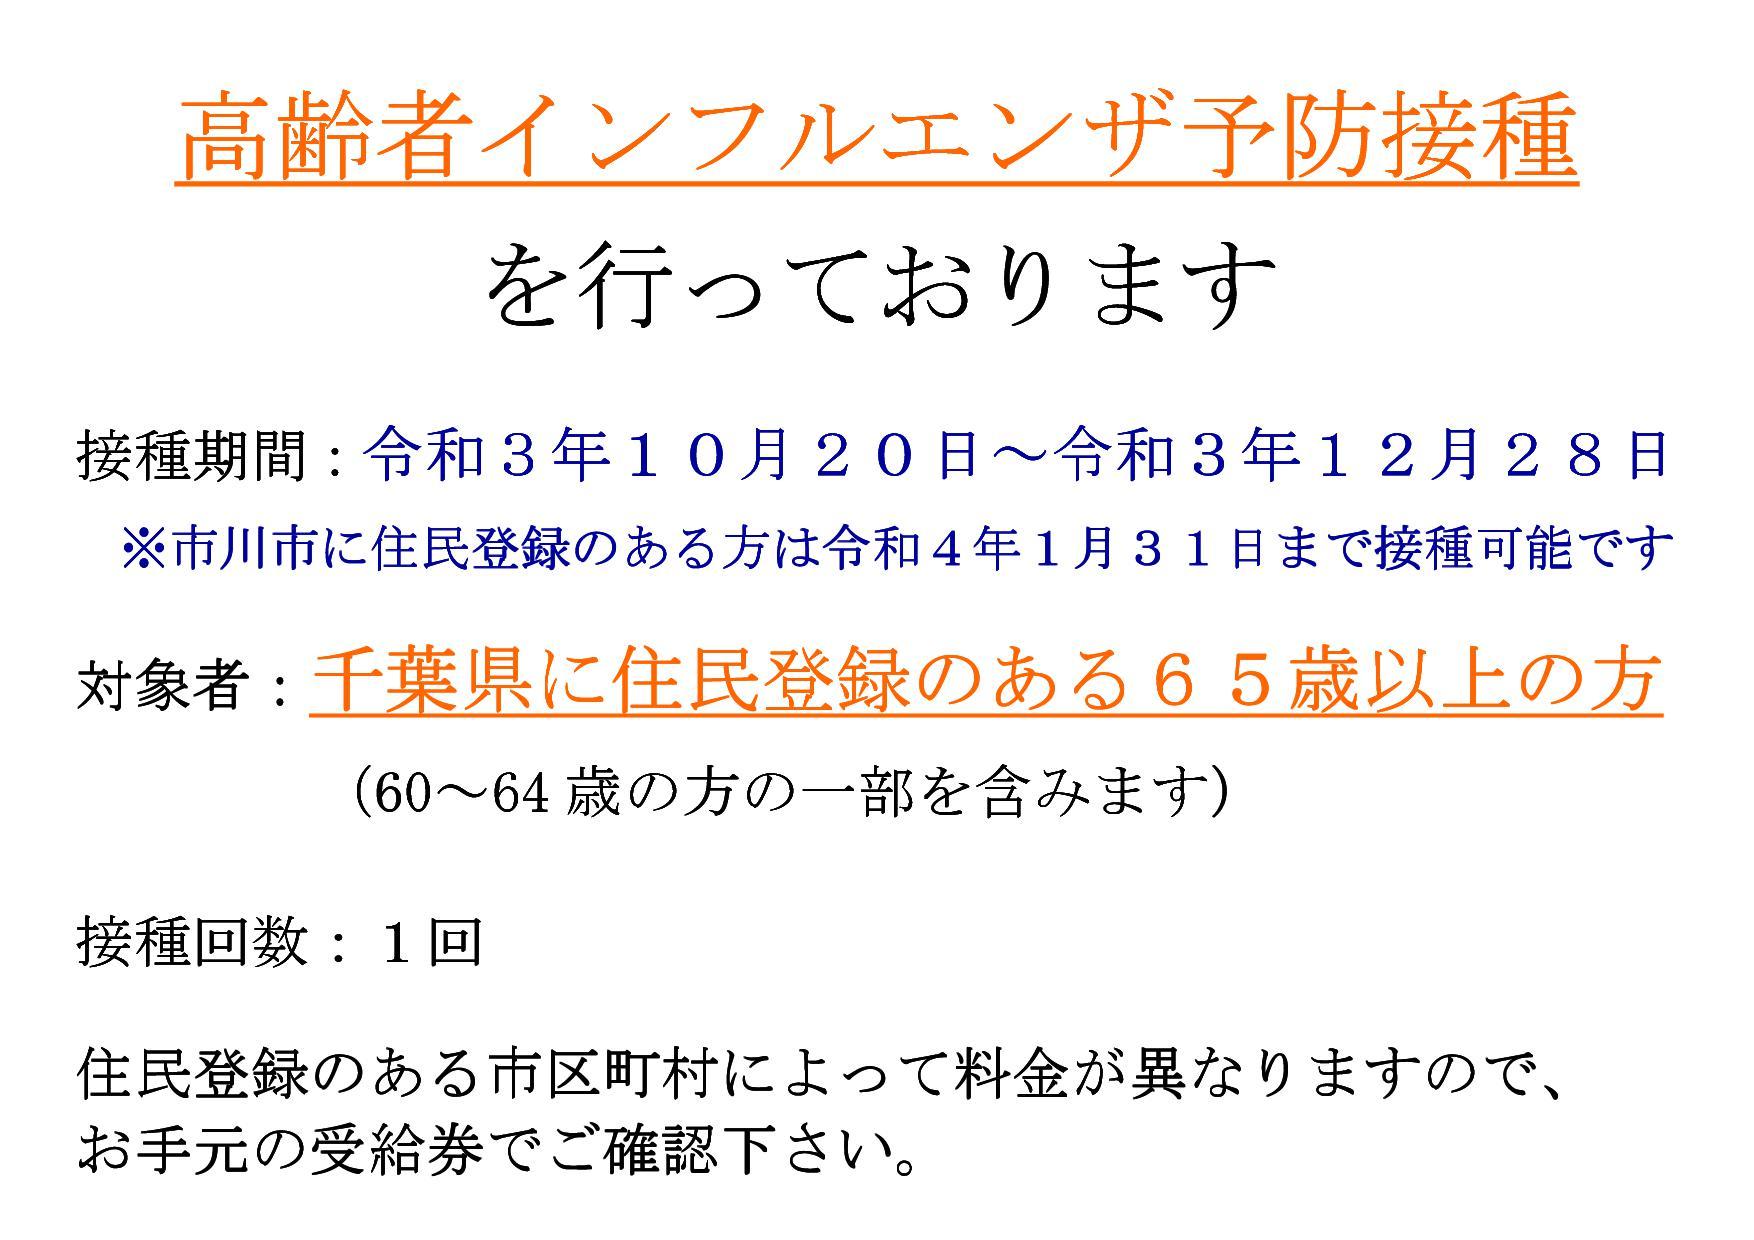 令和3年10月20日より、高齢者インフルエンザ予防接種を開始致します。